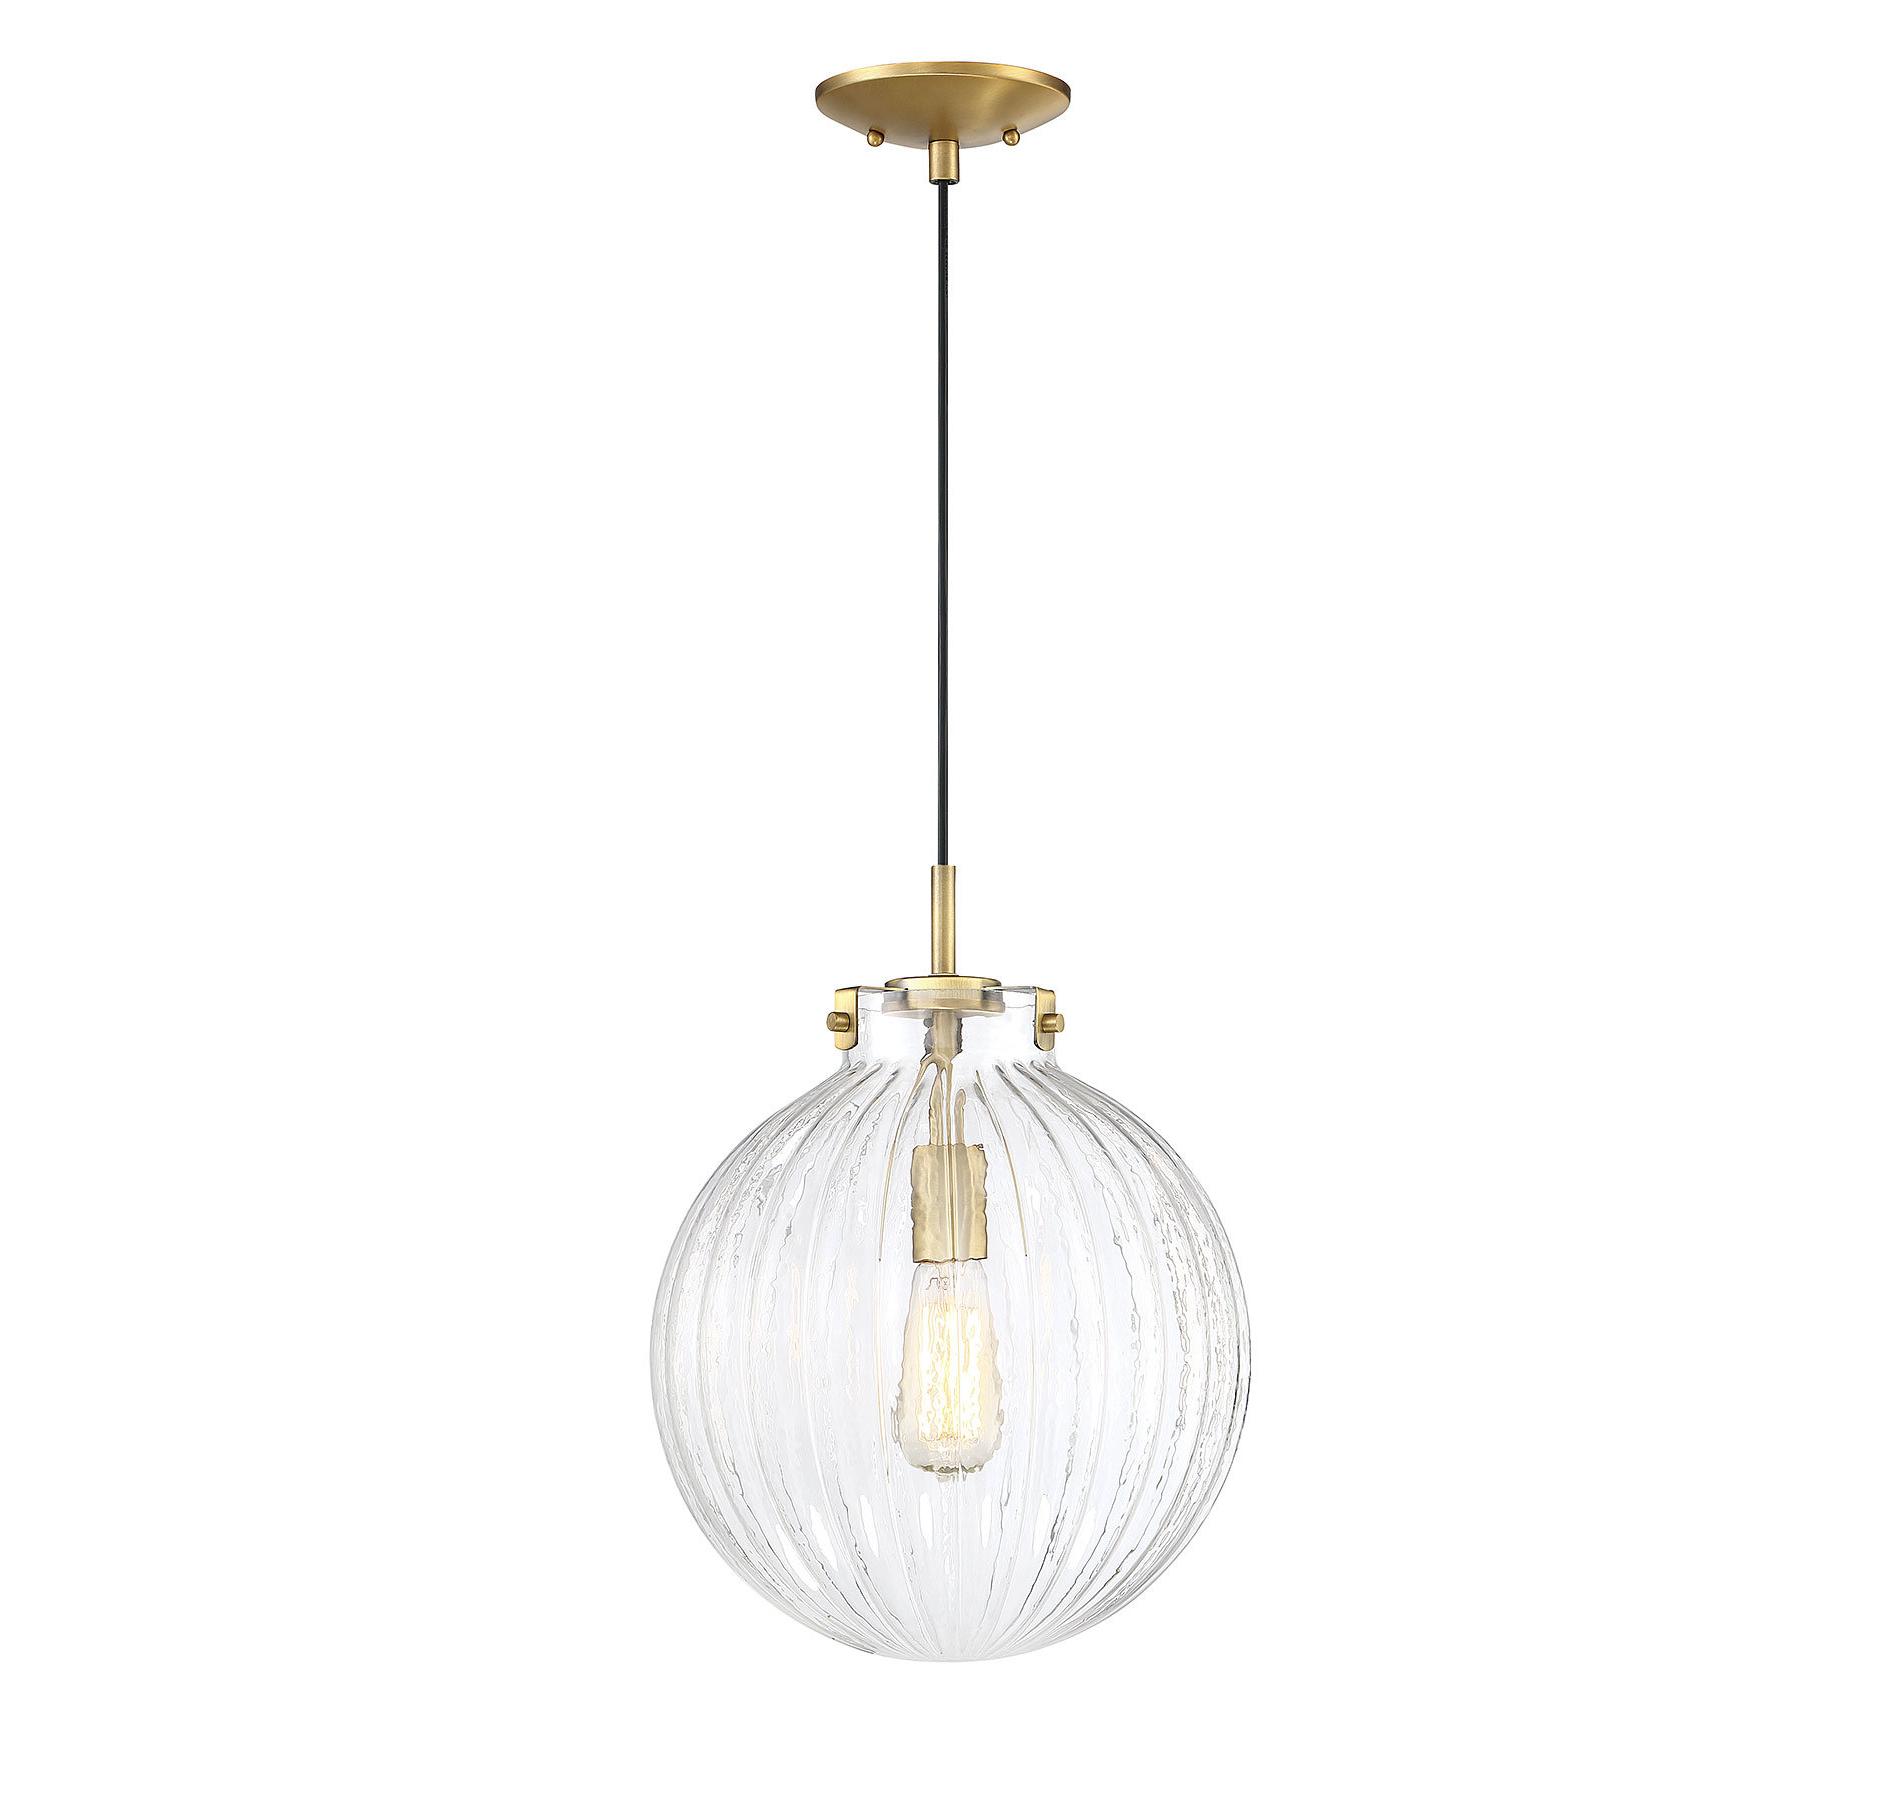 2019 Nevels 1 Light Single Globe Pendant For Cayden 1 Light Single Globe Pendants (View 2 of 25)